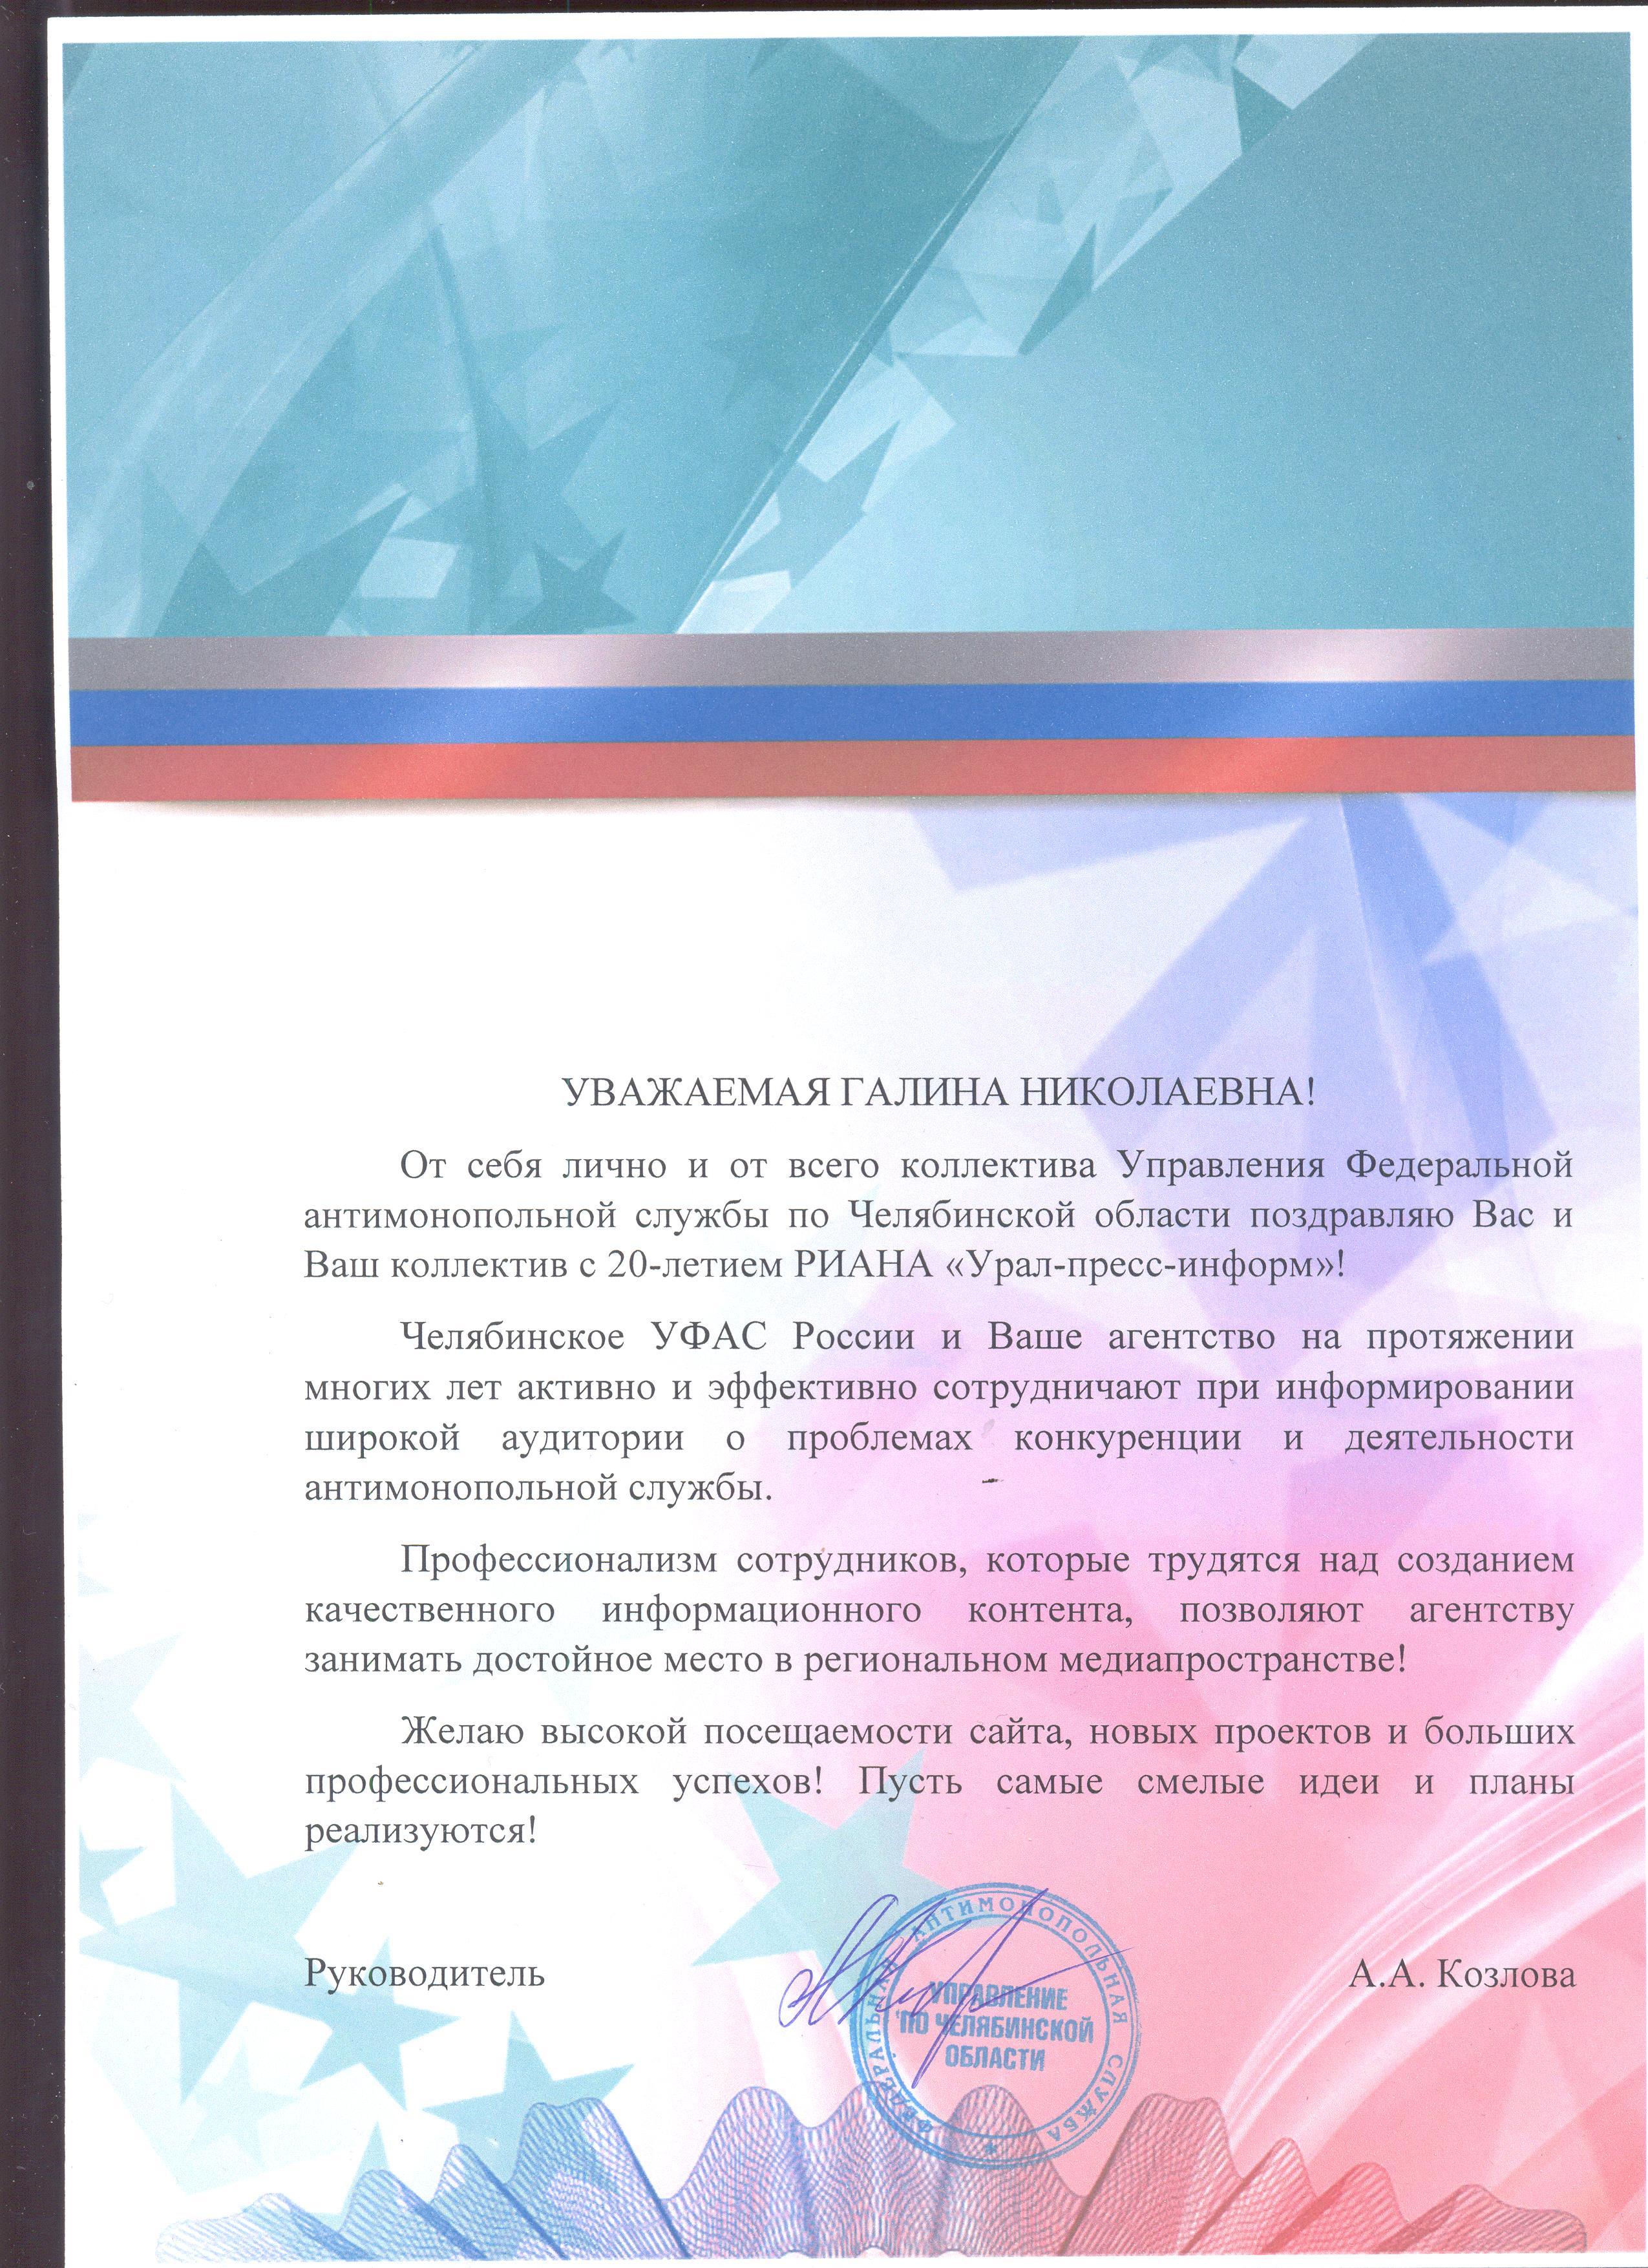 2018   Управление Федеральной антимонопольной службы по Челябинской области